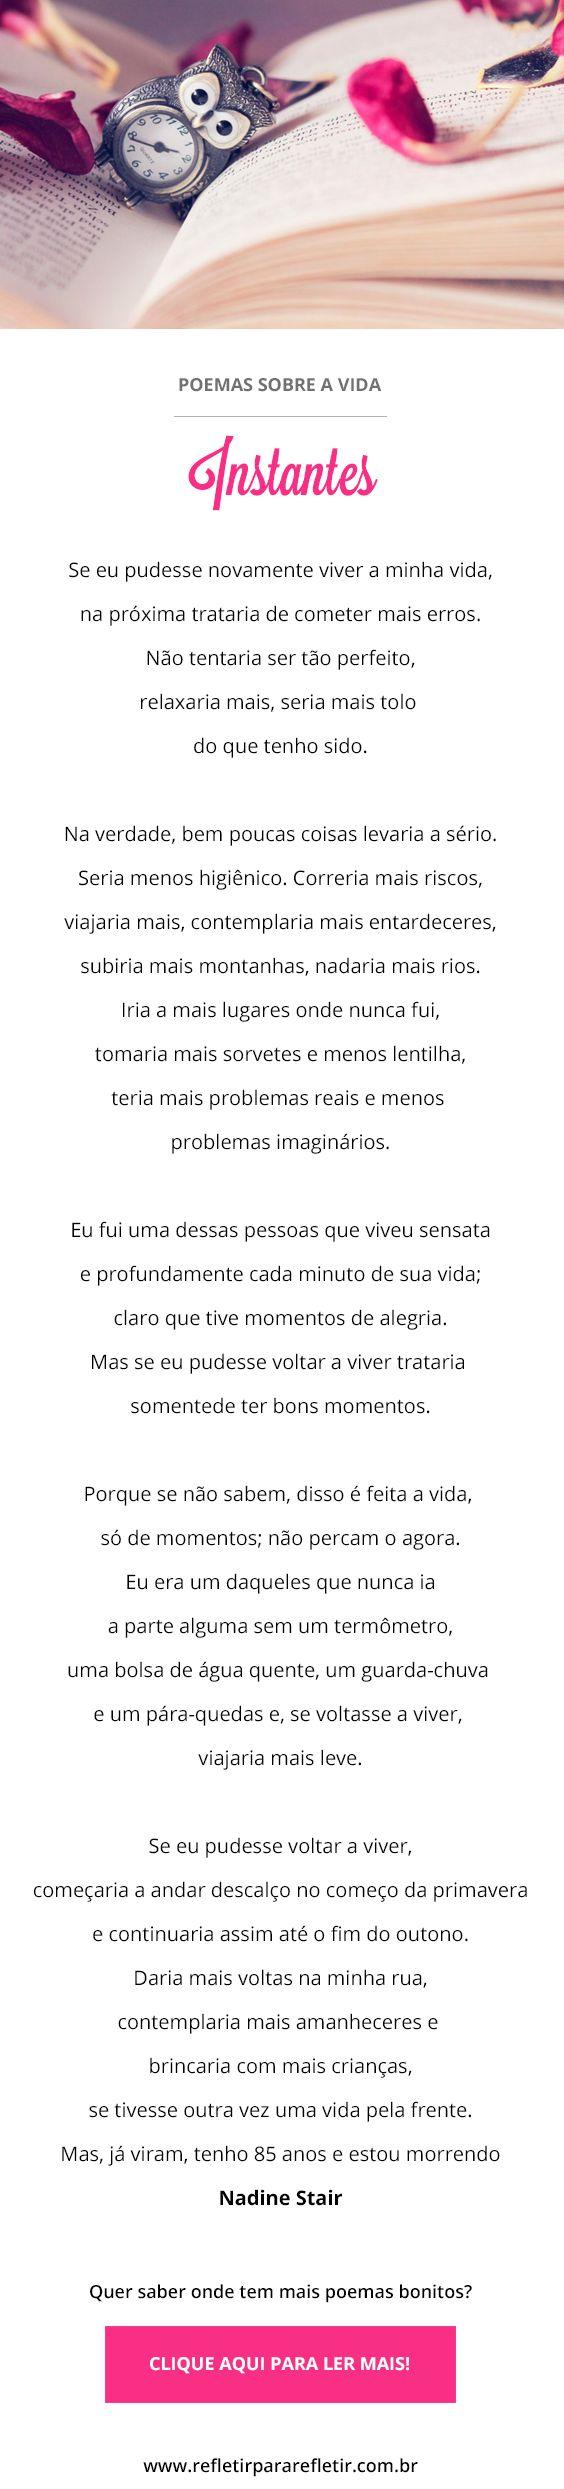 Poemas inteligentes de reflexão, para pensar na vida e refletir :) #poema #poemas #reflexão #vida